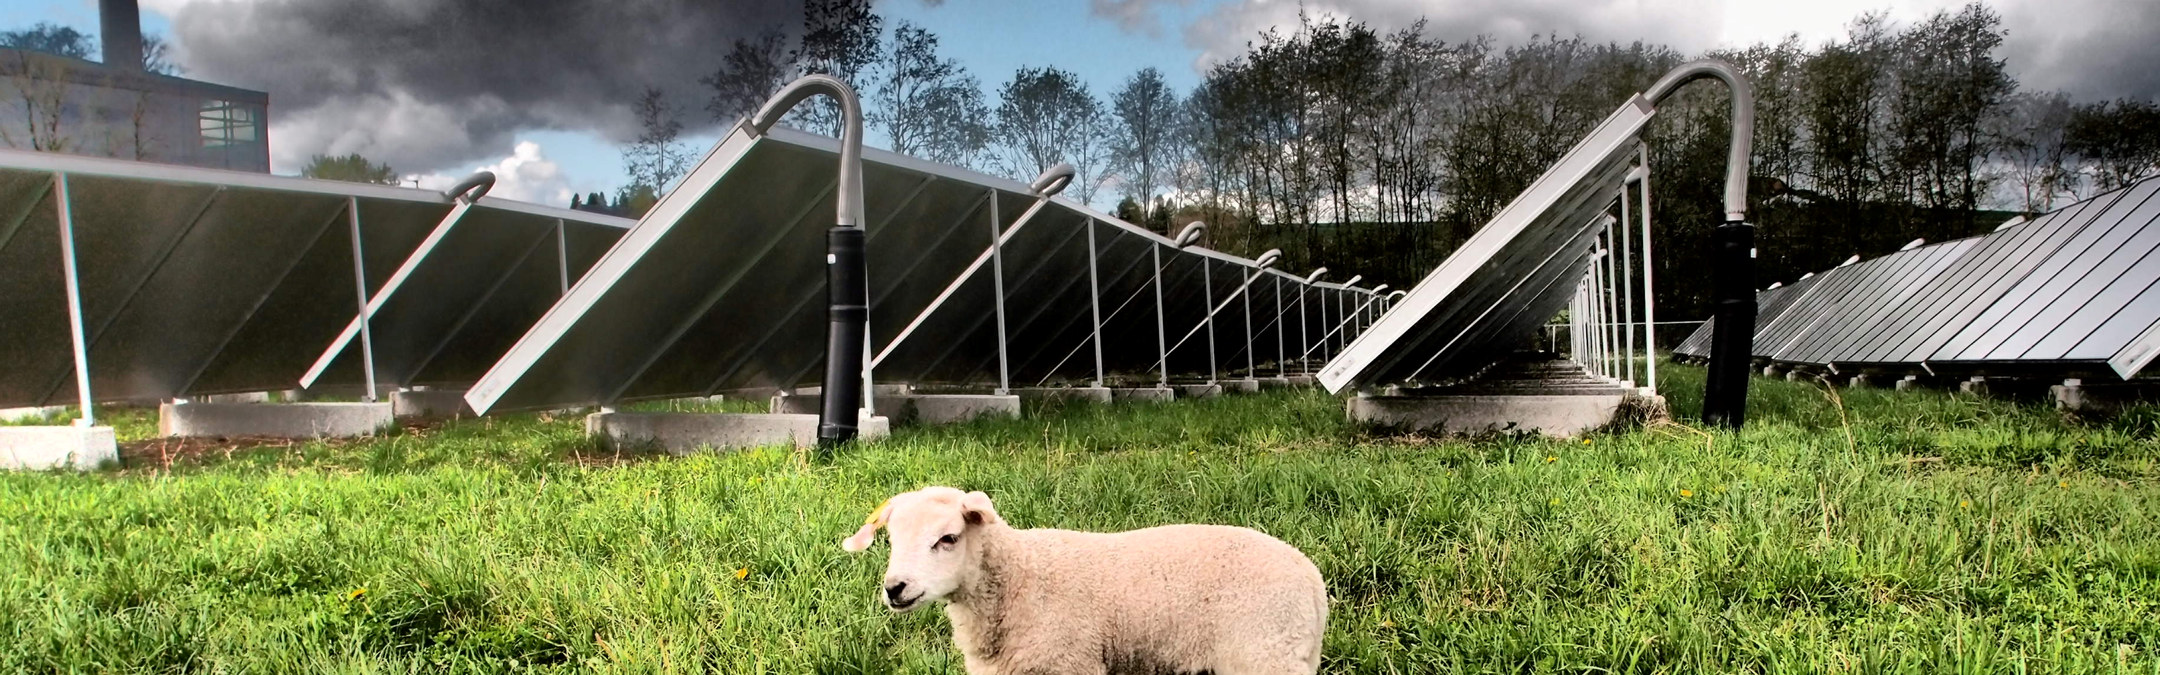 Et lam på gresset foran et solgfangeanlegg. Foto